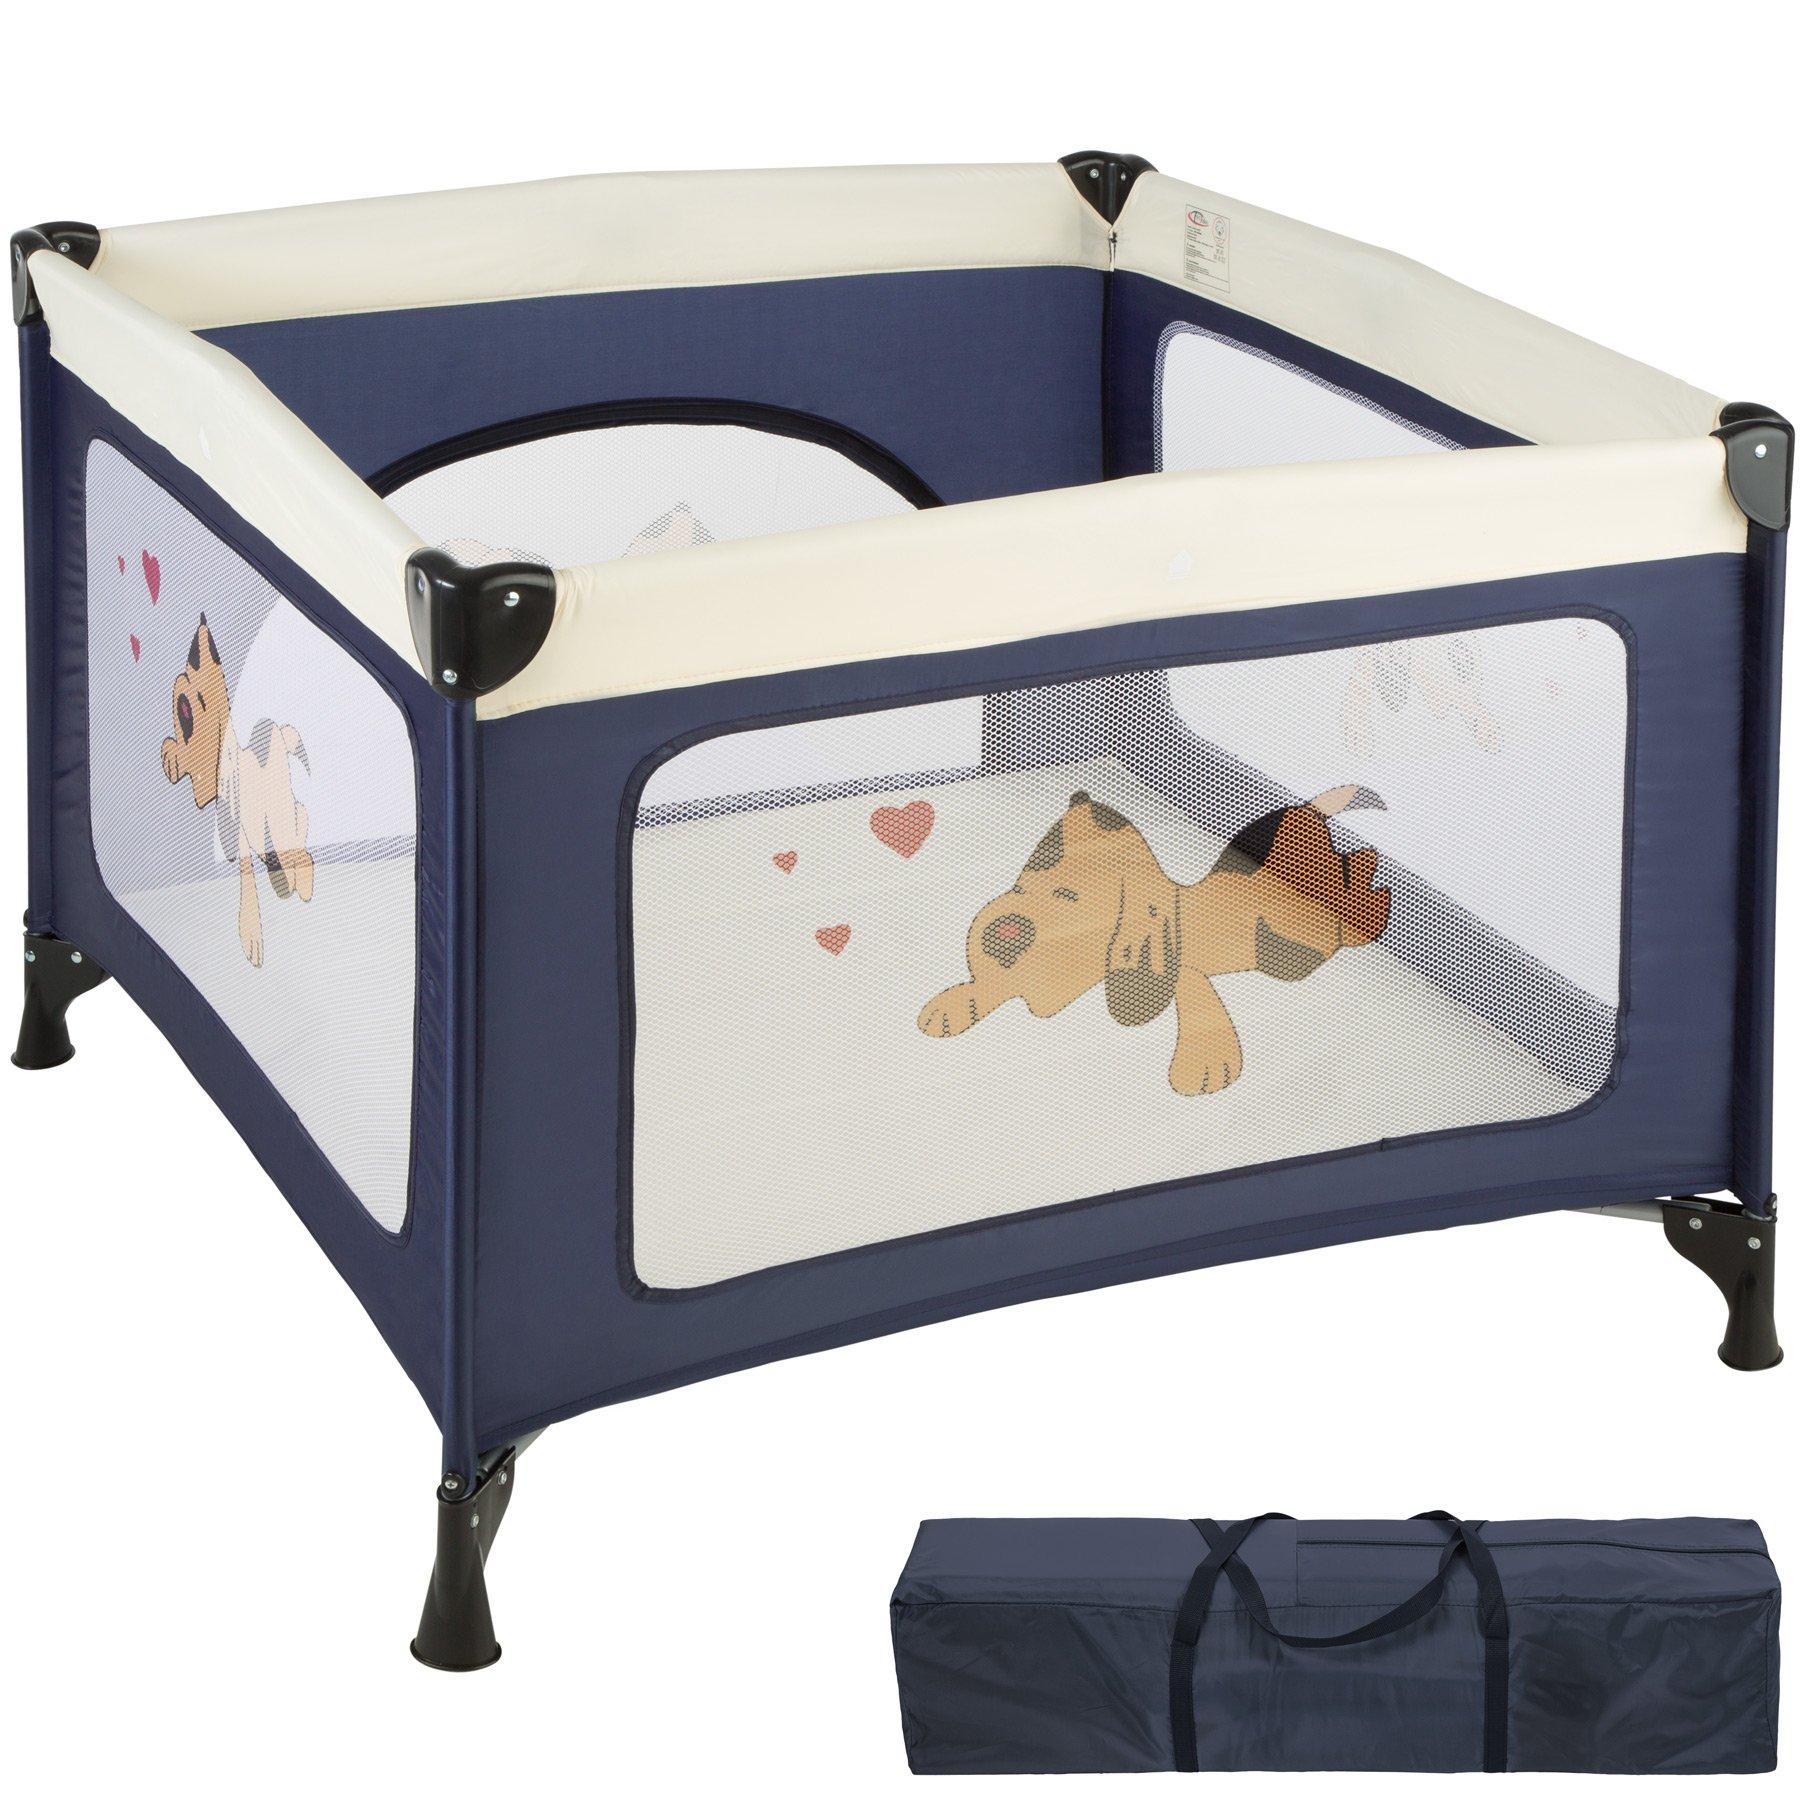 TecTake Parque para bebé Cuna Infantil de Viaje portátil (Azul   No. 402205)